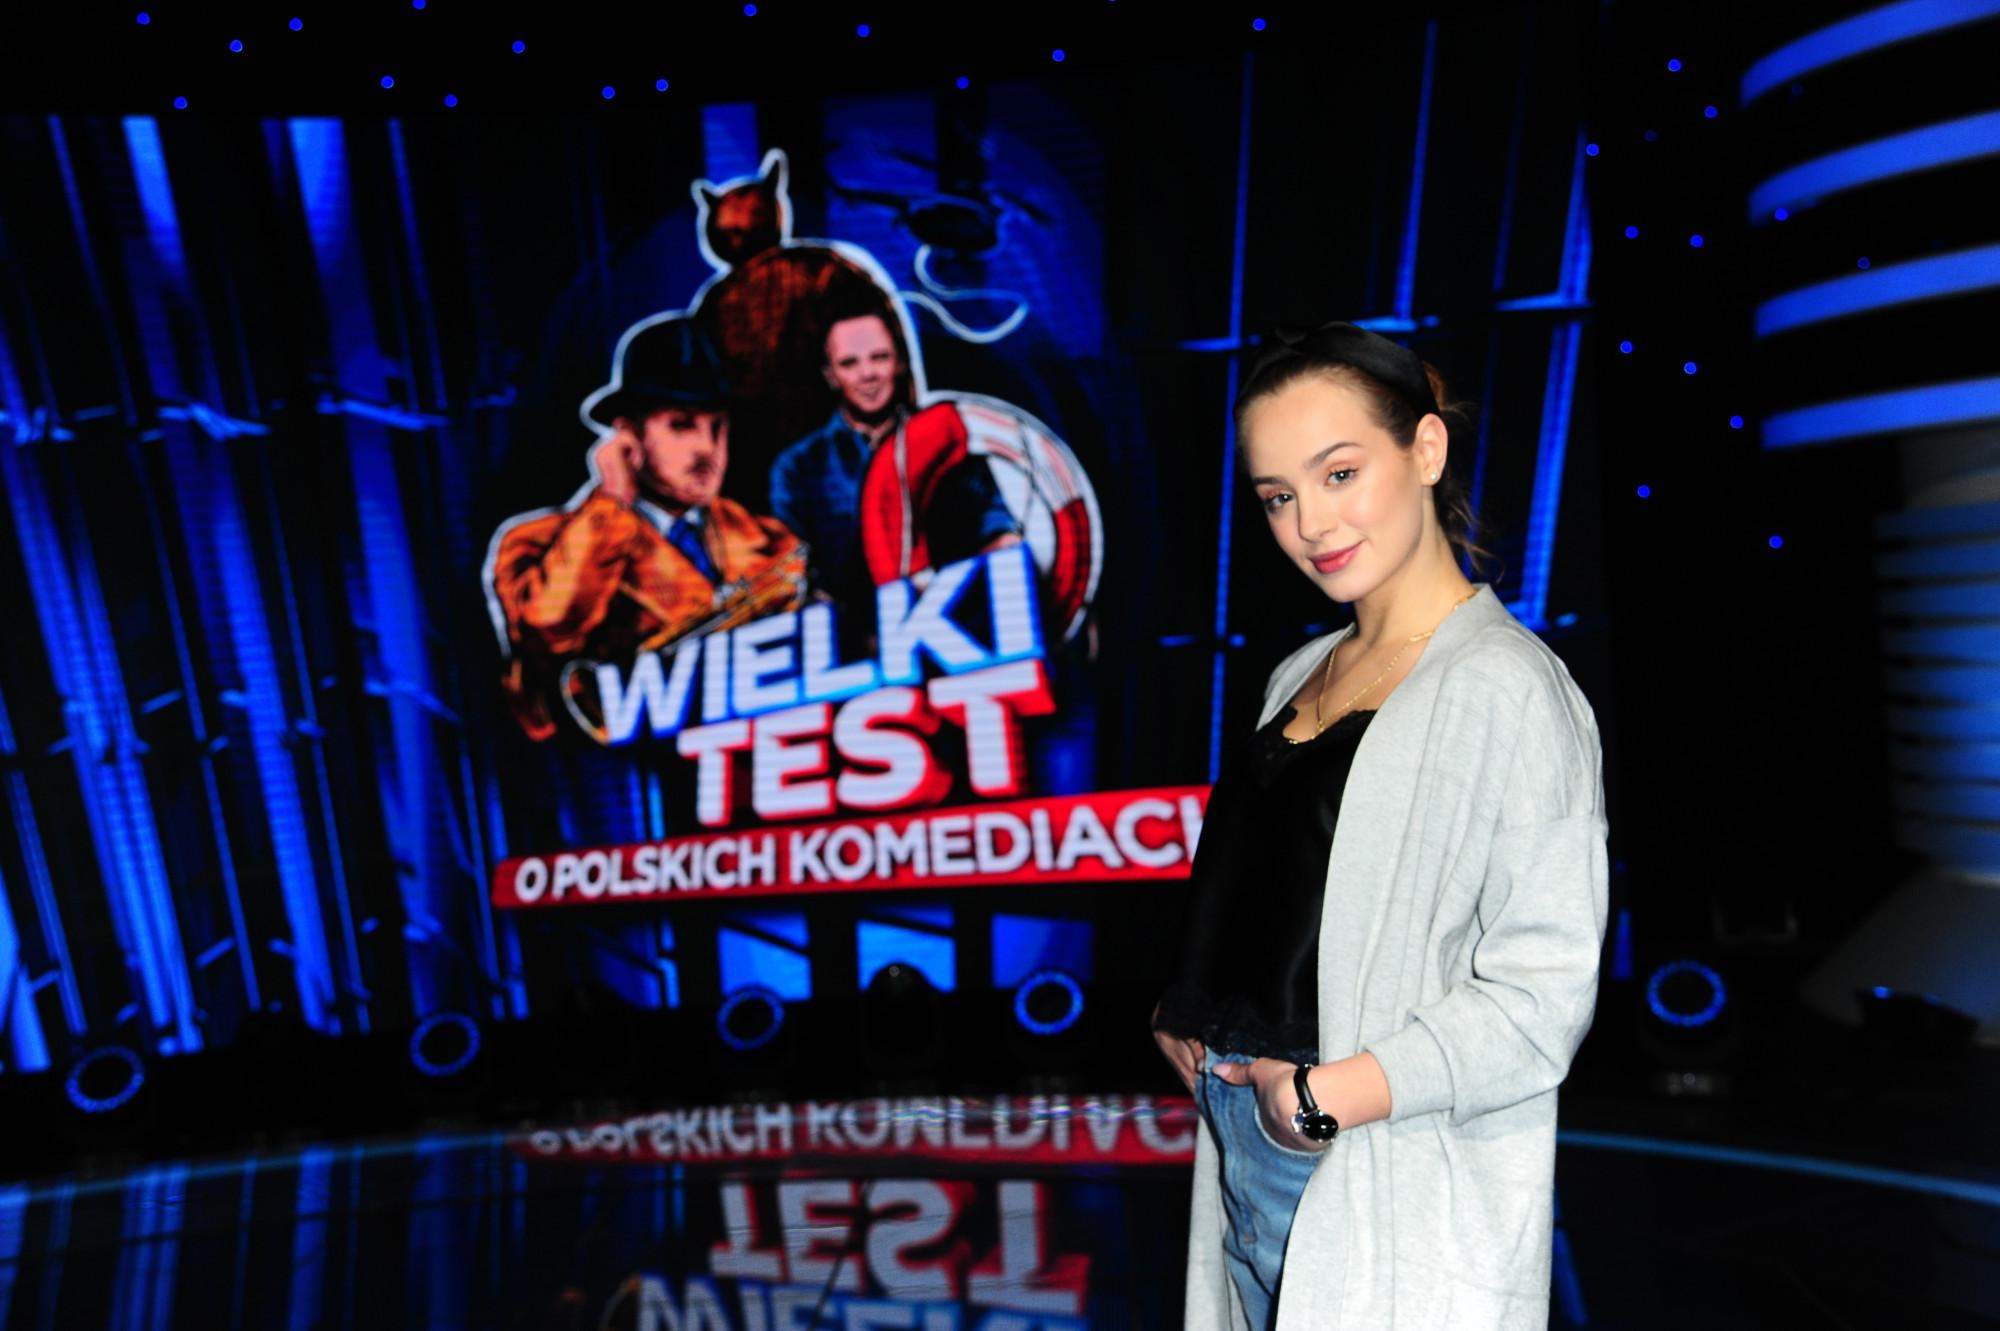 BlogStar: Które z gwiazd lubią polskie komedie? - BlogStar.pl